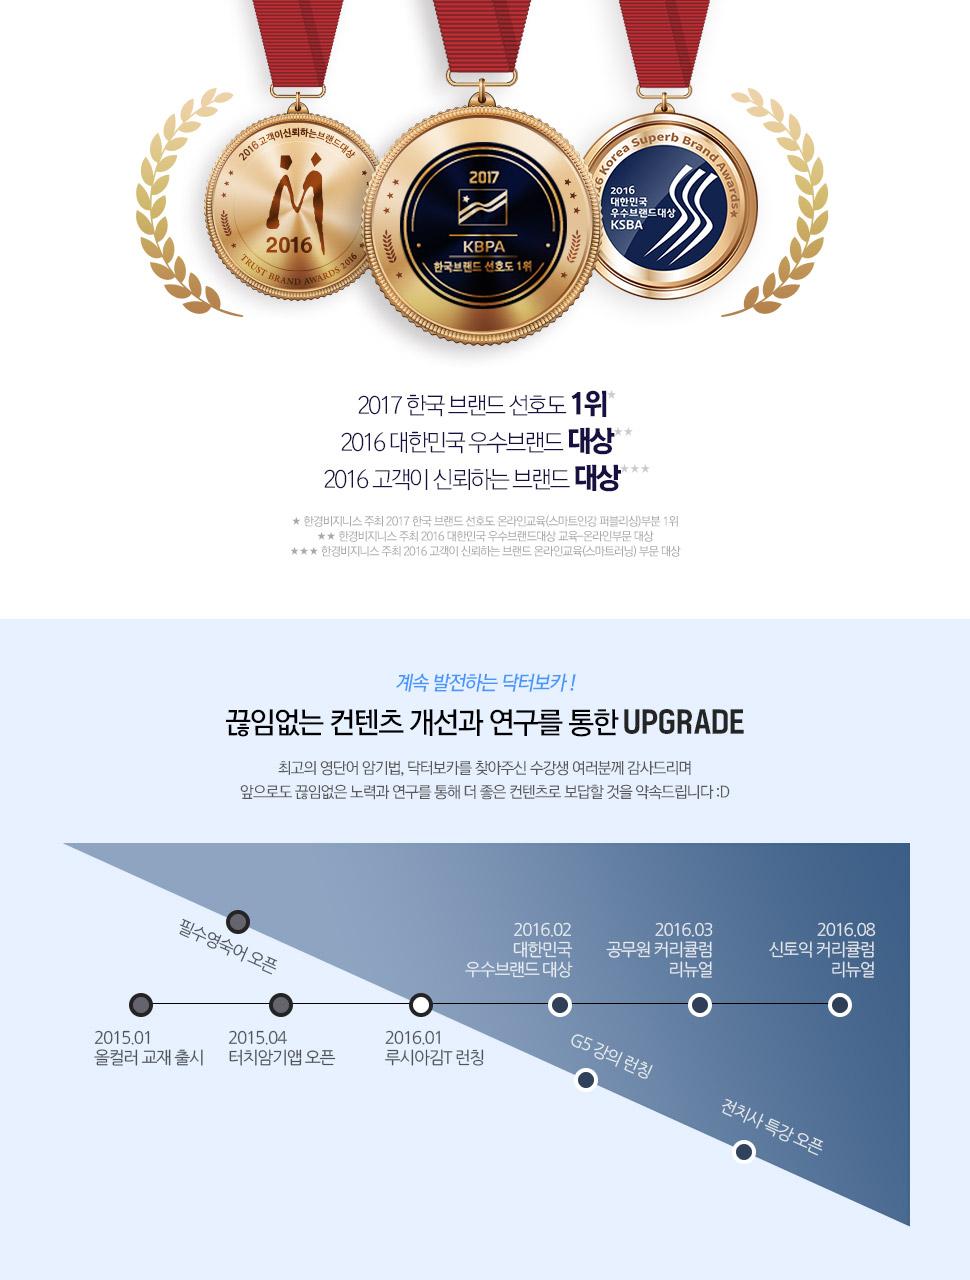 2017 한국 브랜드 선호도 1위, 2016 대한민국 우수브랜드 대상, 2016 고객이 신뢰하는 브랜드 대상